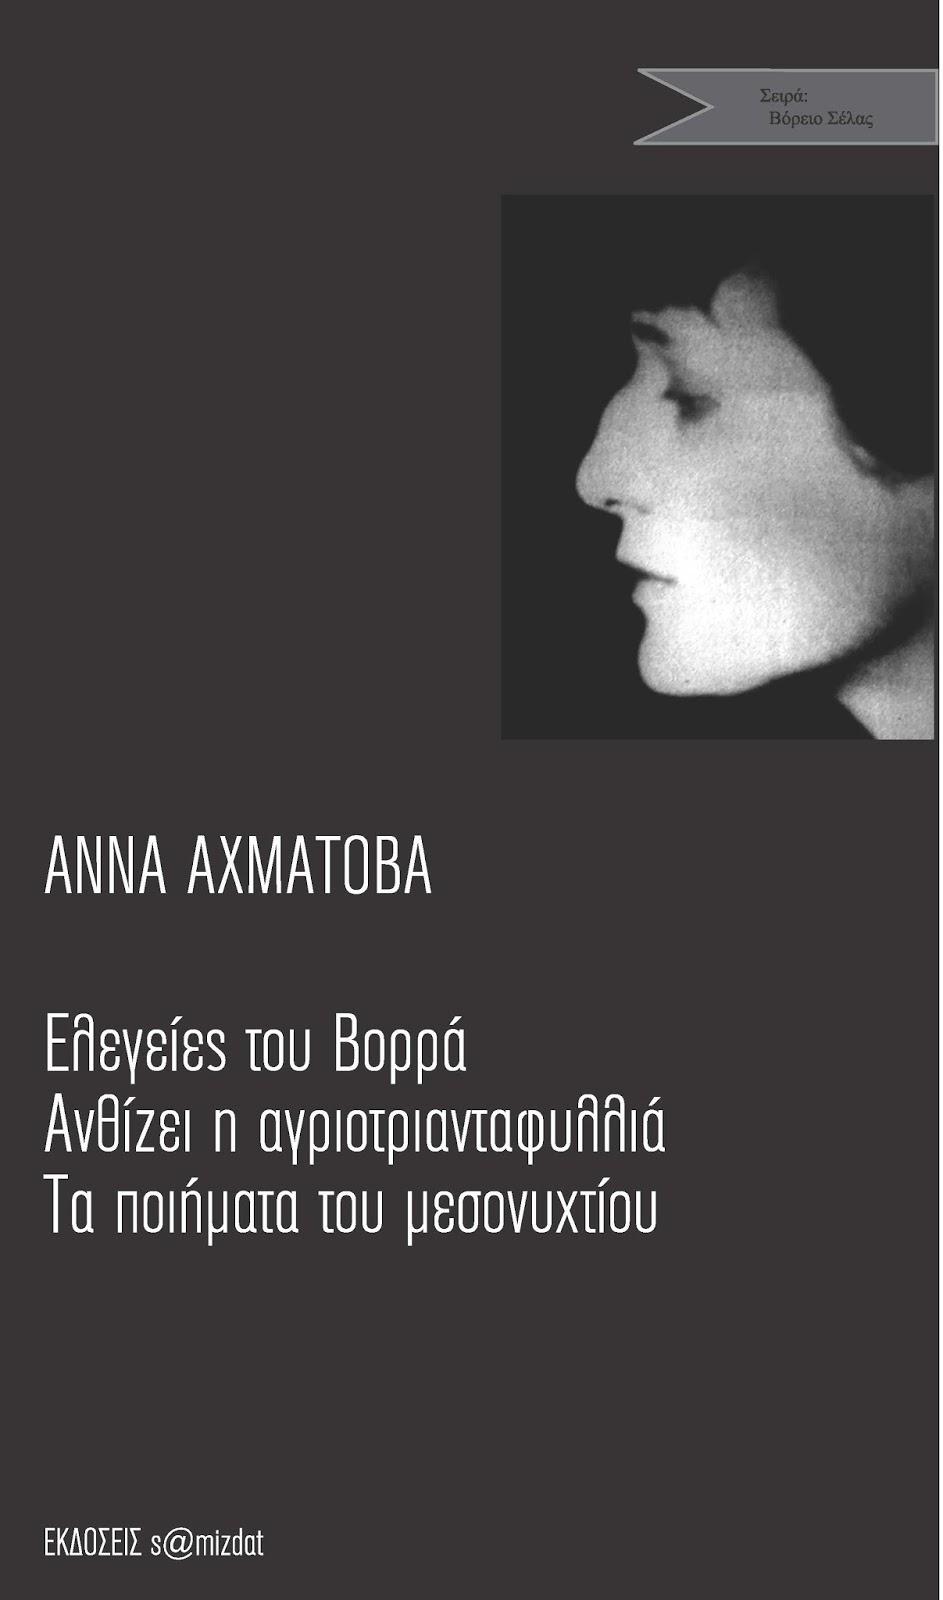 Άννα Αχμάτοβα Ελεγείες του Βορρά, Ανθίζει η αγριοτριανταφυλλιά, Τα ποιήματα του μεσονυχτίου